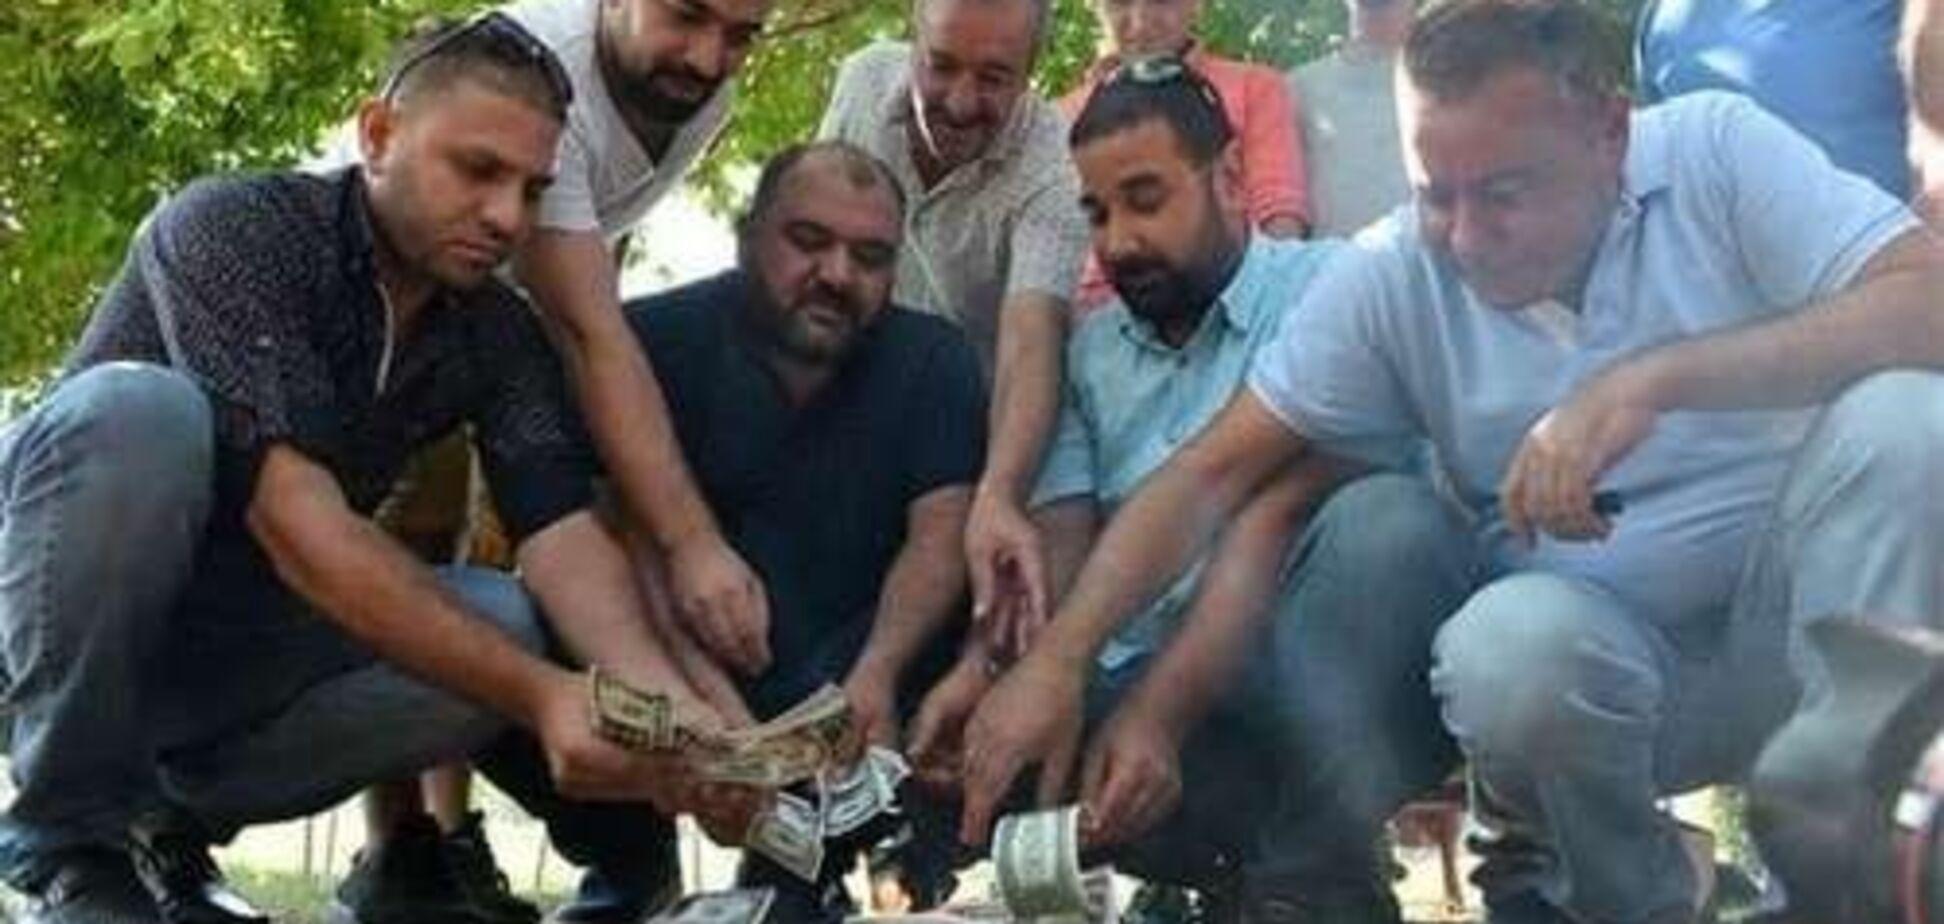 Зачем турки жгут доллары и разбивают айфоны